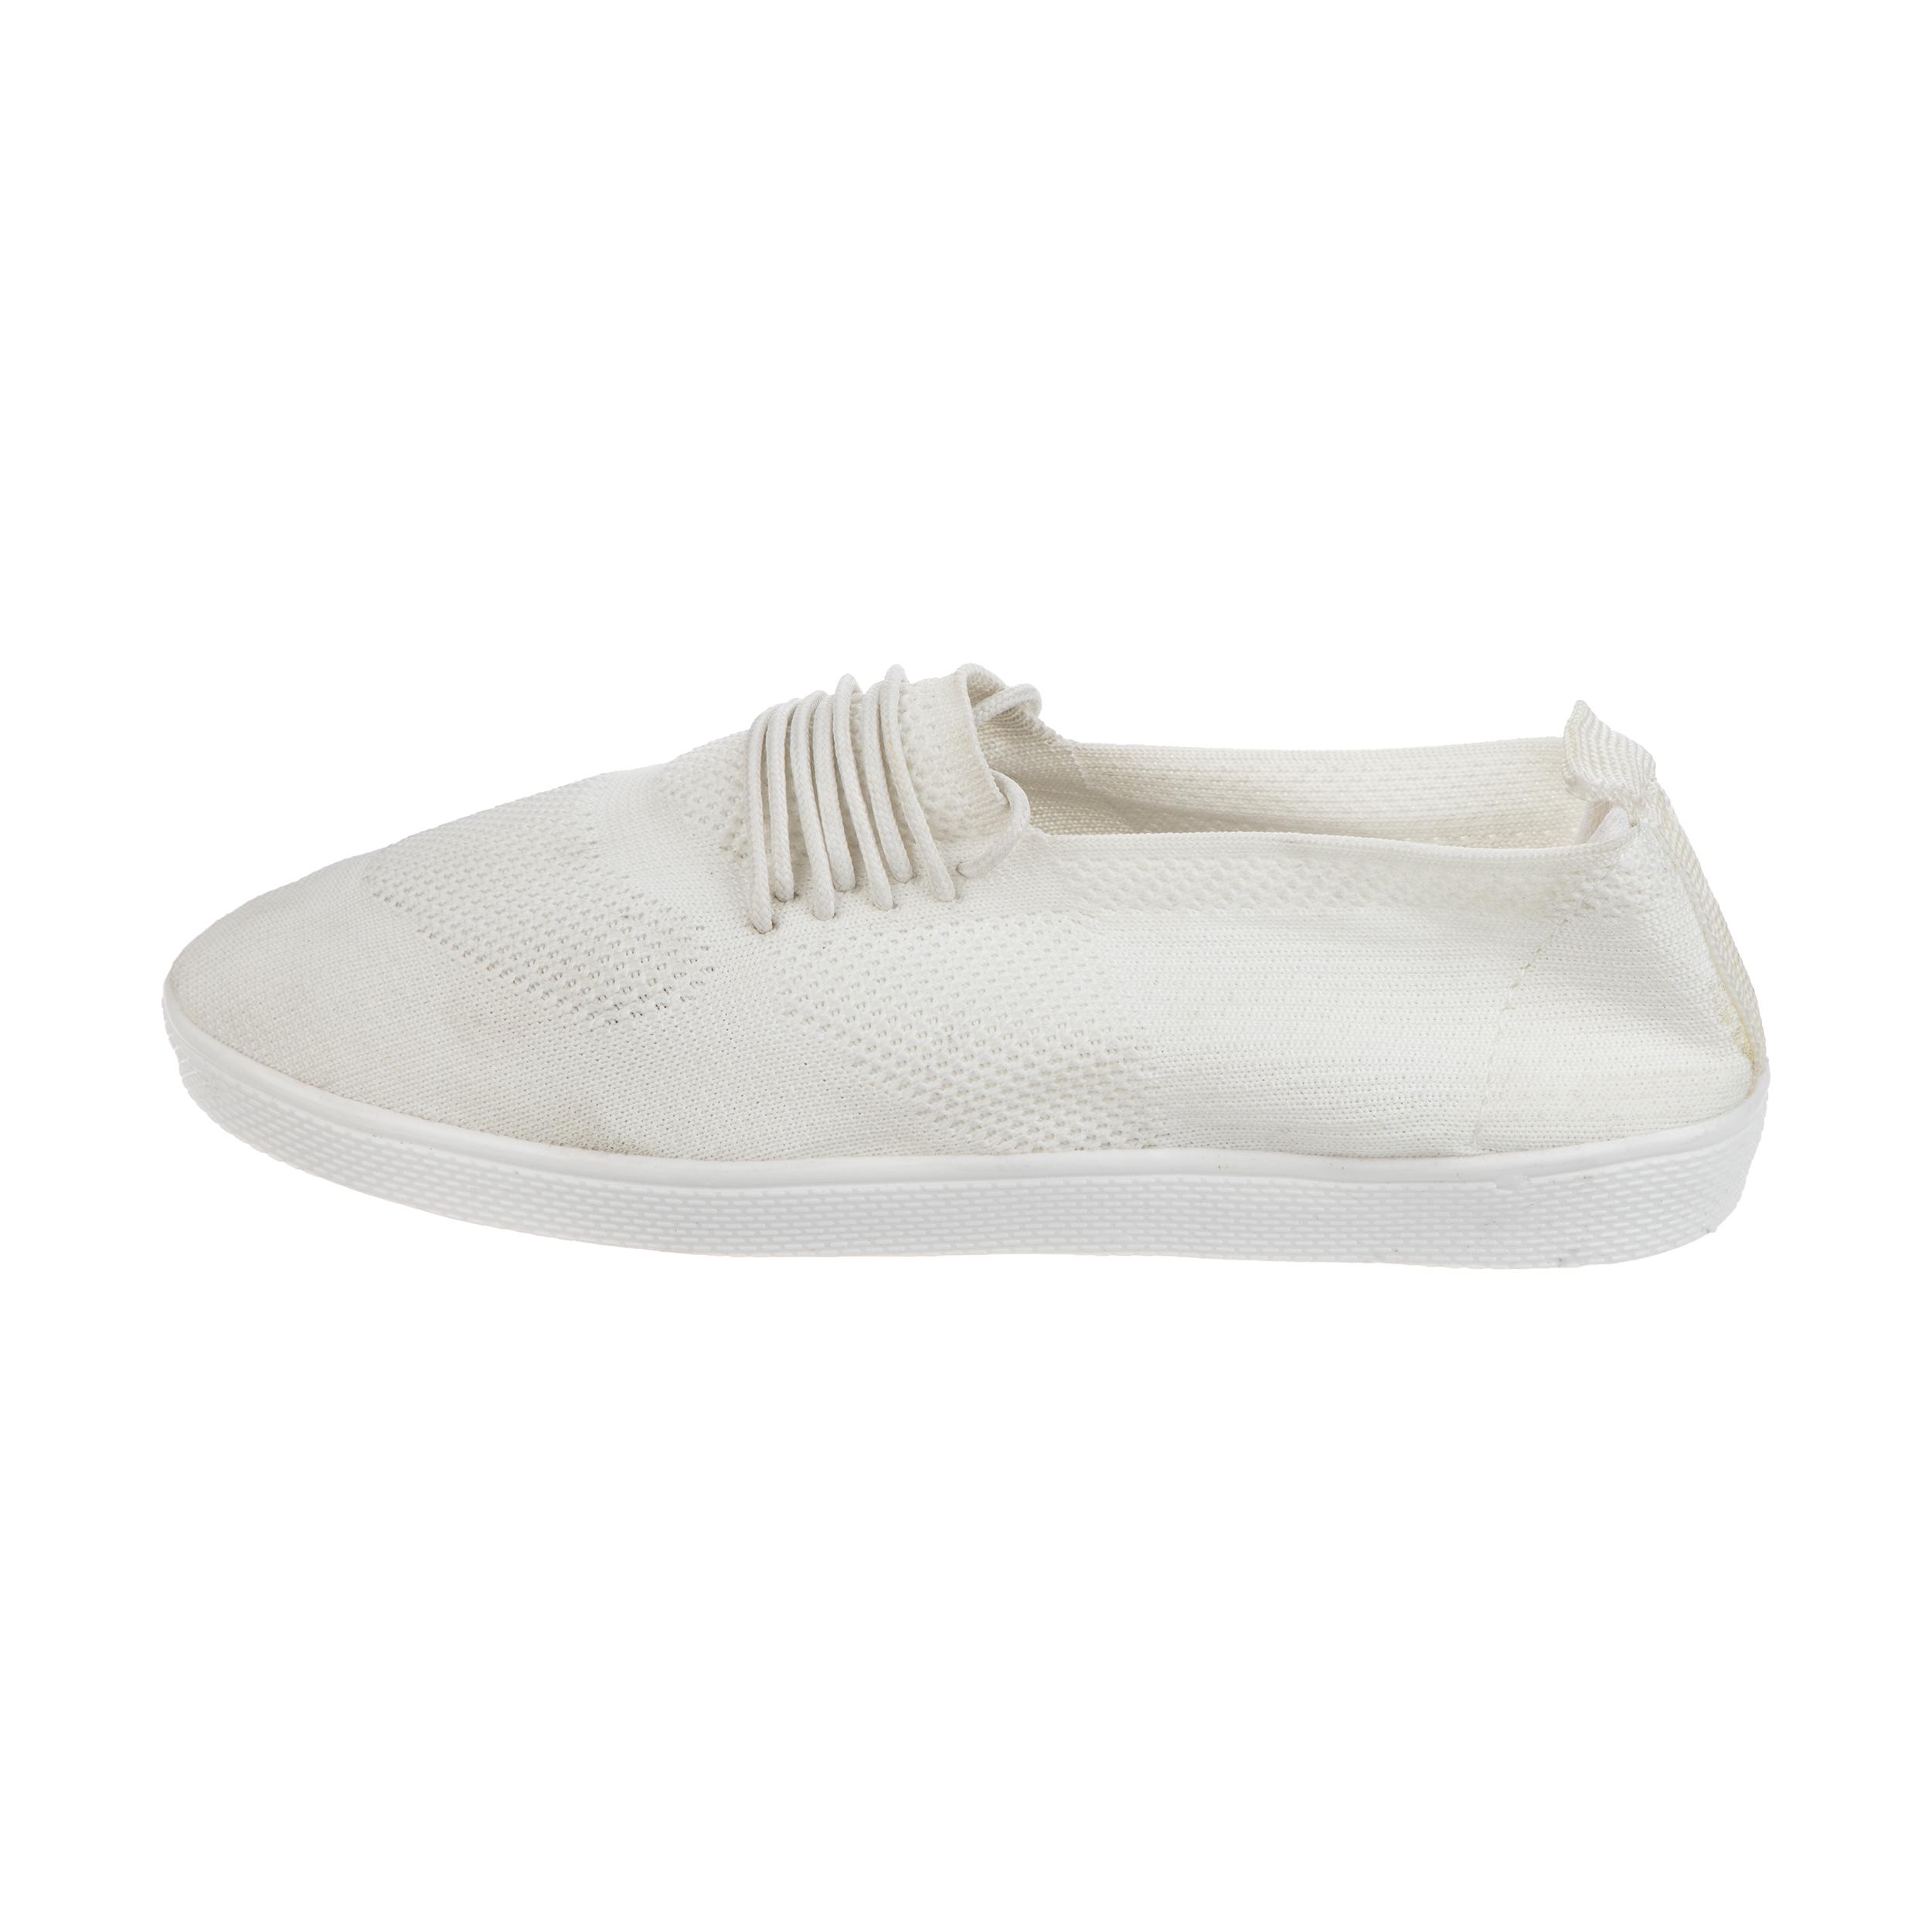 کفش زنانه ریمکس مدل 1009a100100